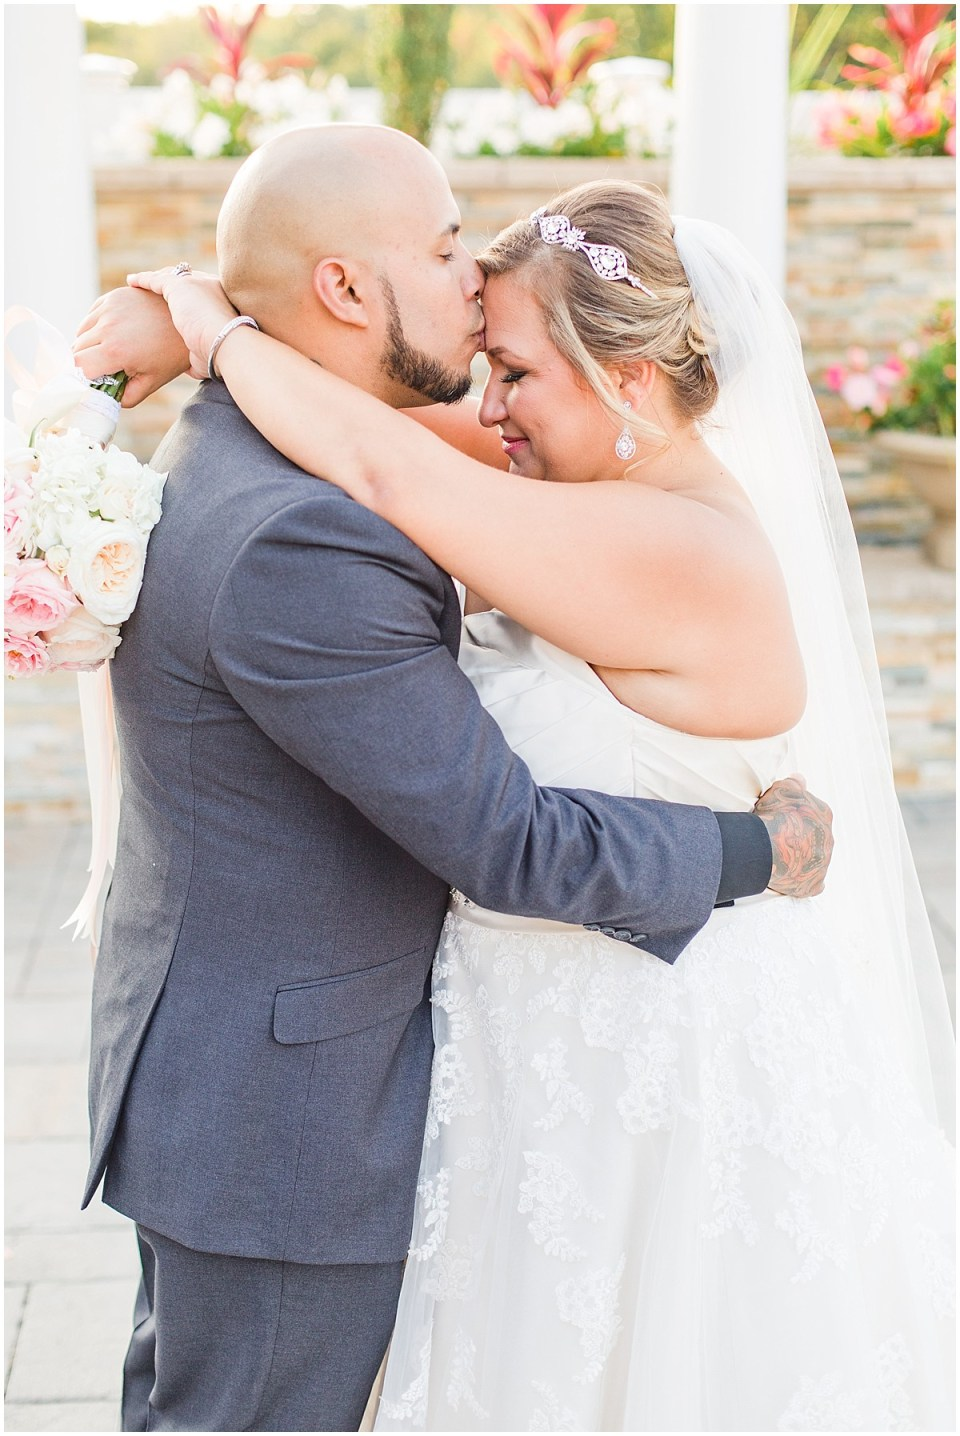 Pedro & Maggie's Star Wars Themed Wedding at La Bella Vista in Waterbury, CT Photos_0064.jpg